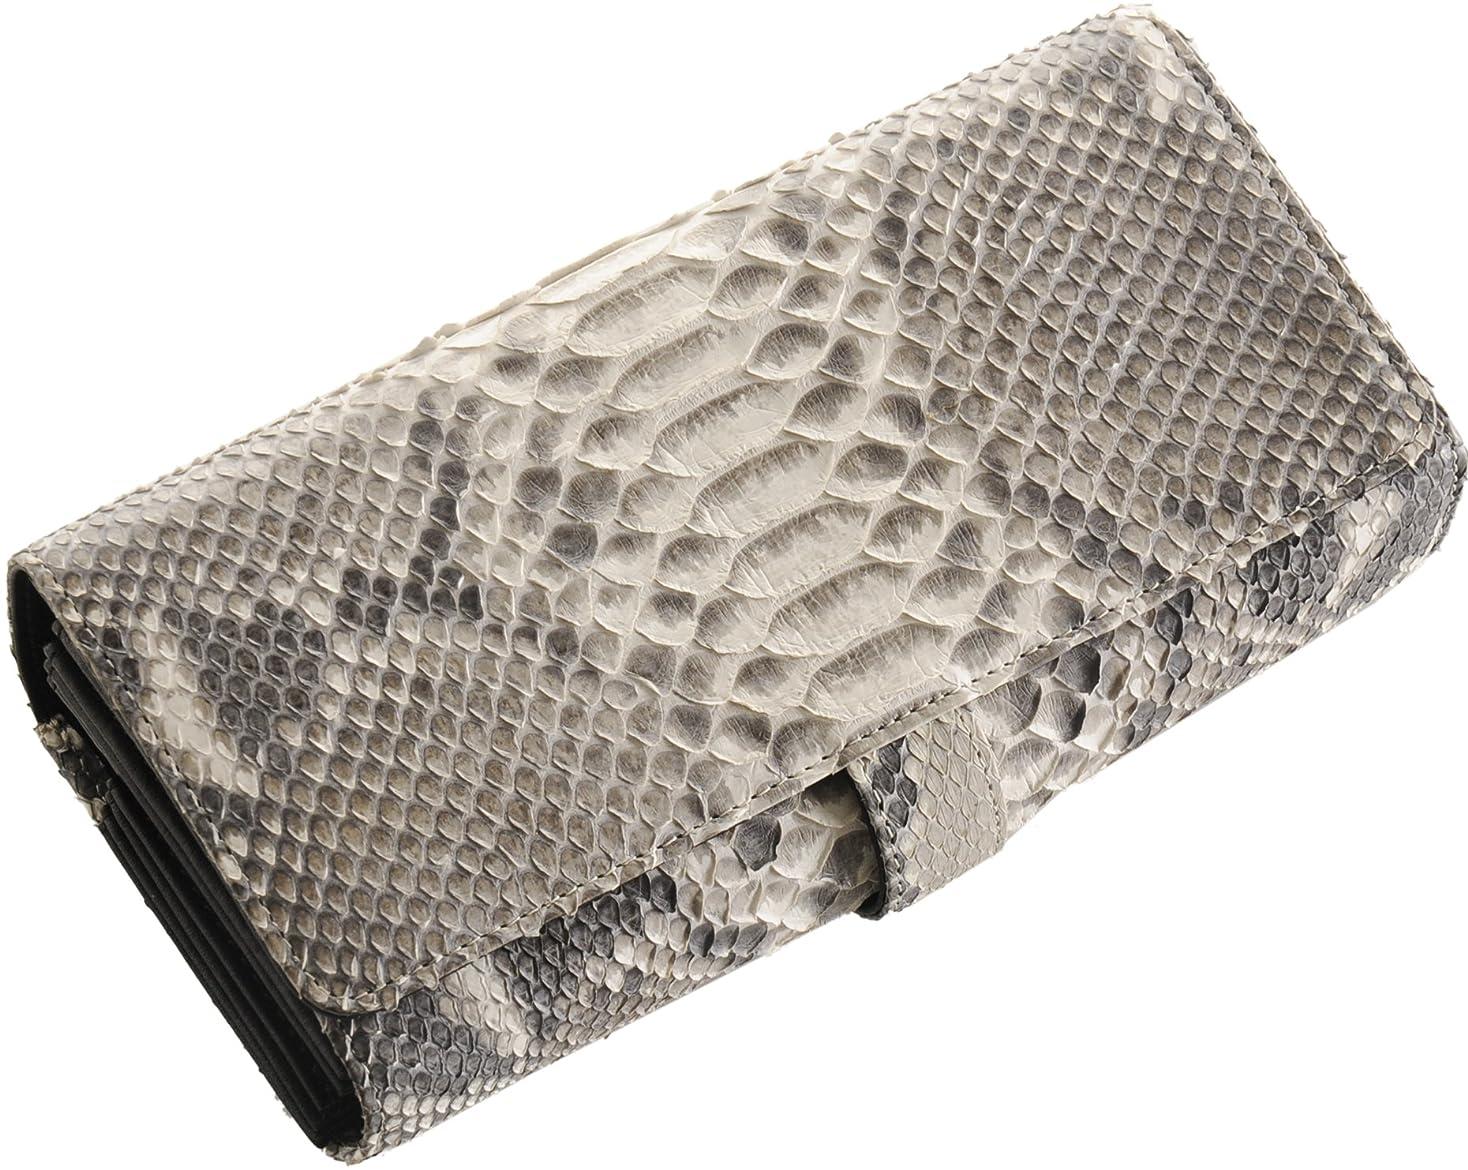 パン屋光のチラチラするヘビ ダイヤモンド パイソン レザー 多機能 長財布 フラップ かぶせタイプ 蛇革 レディース